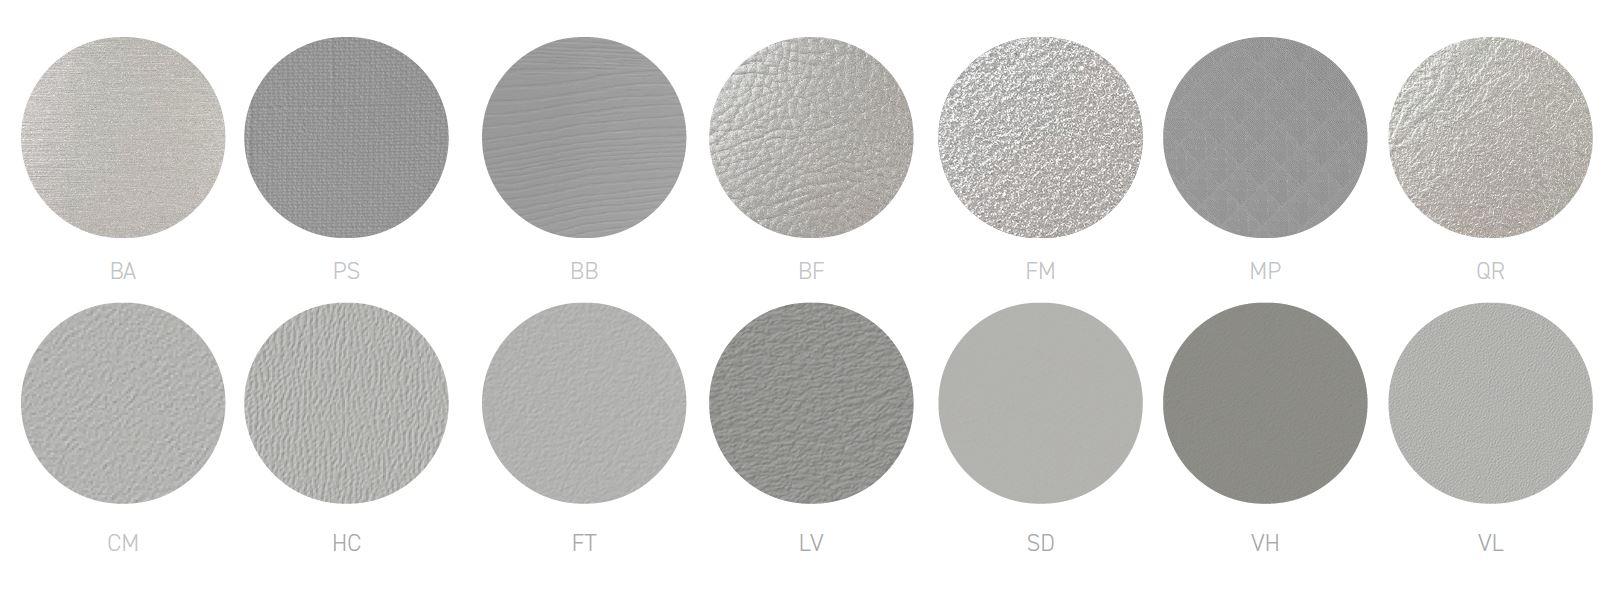 Boltaron Smooth Textures